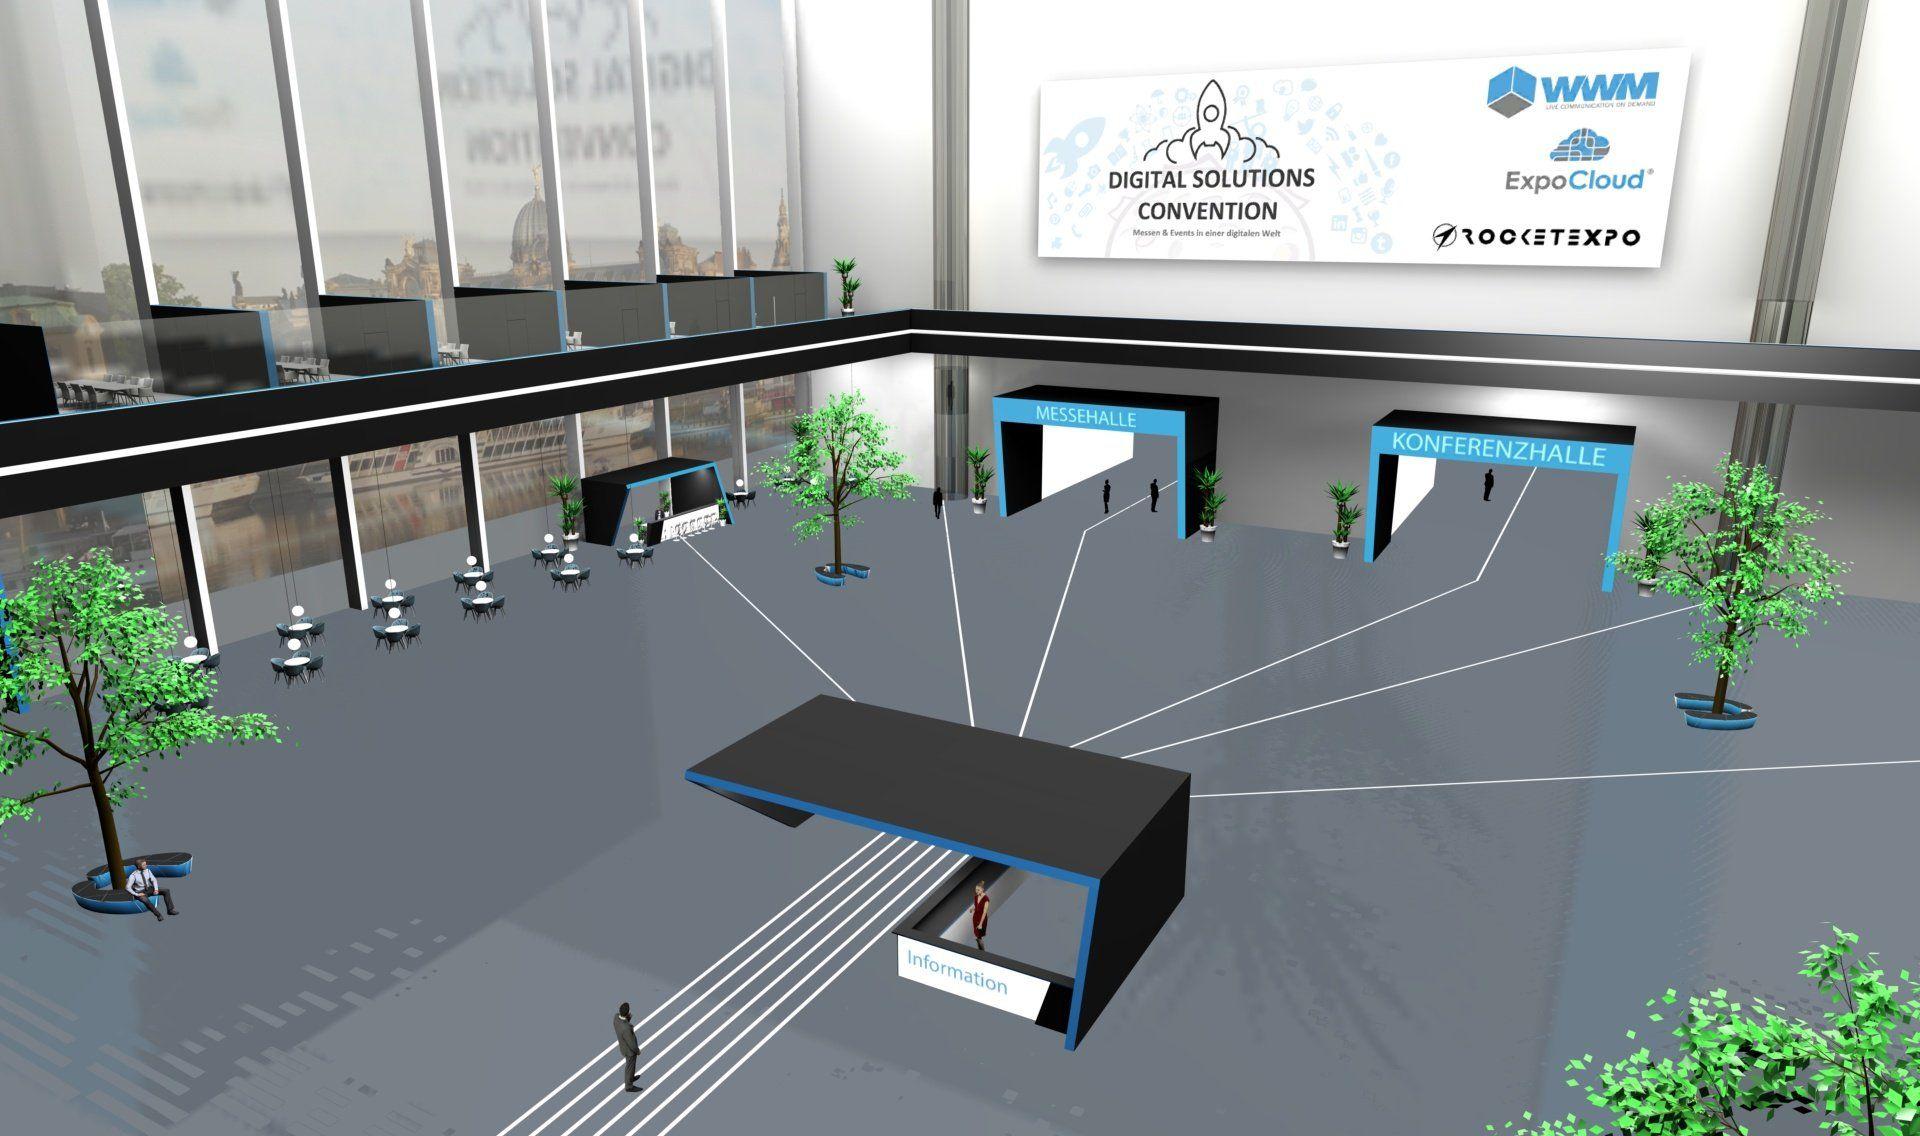 Die virtuelle Eventplattform